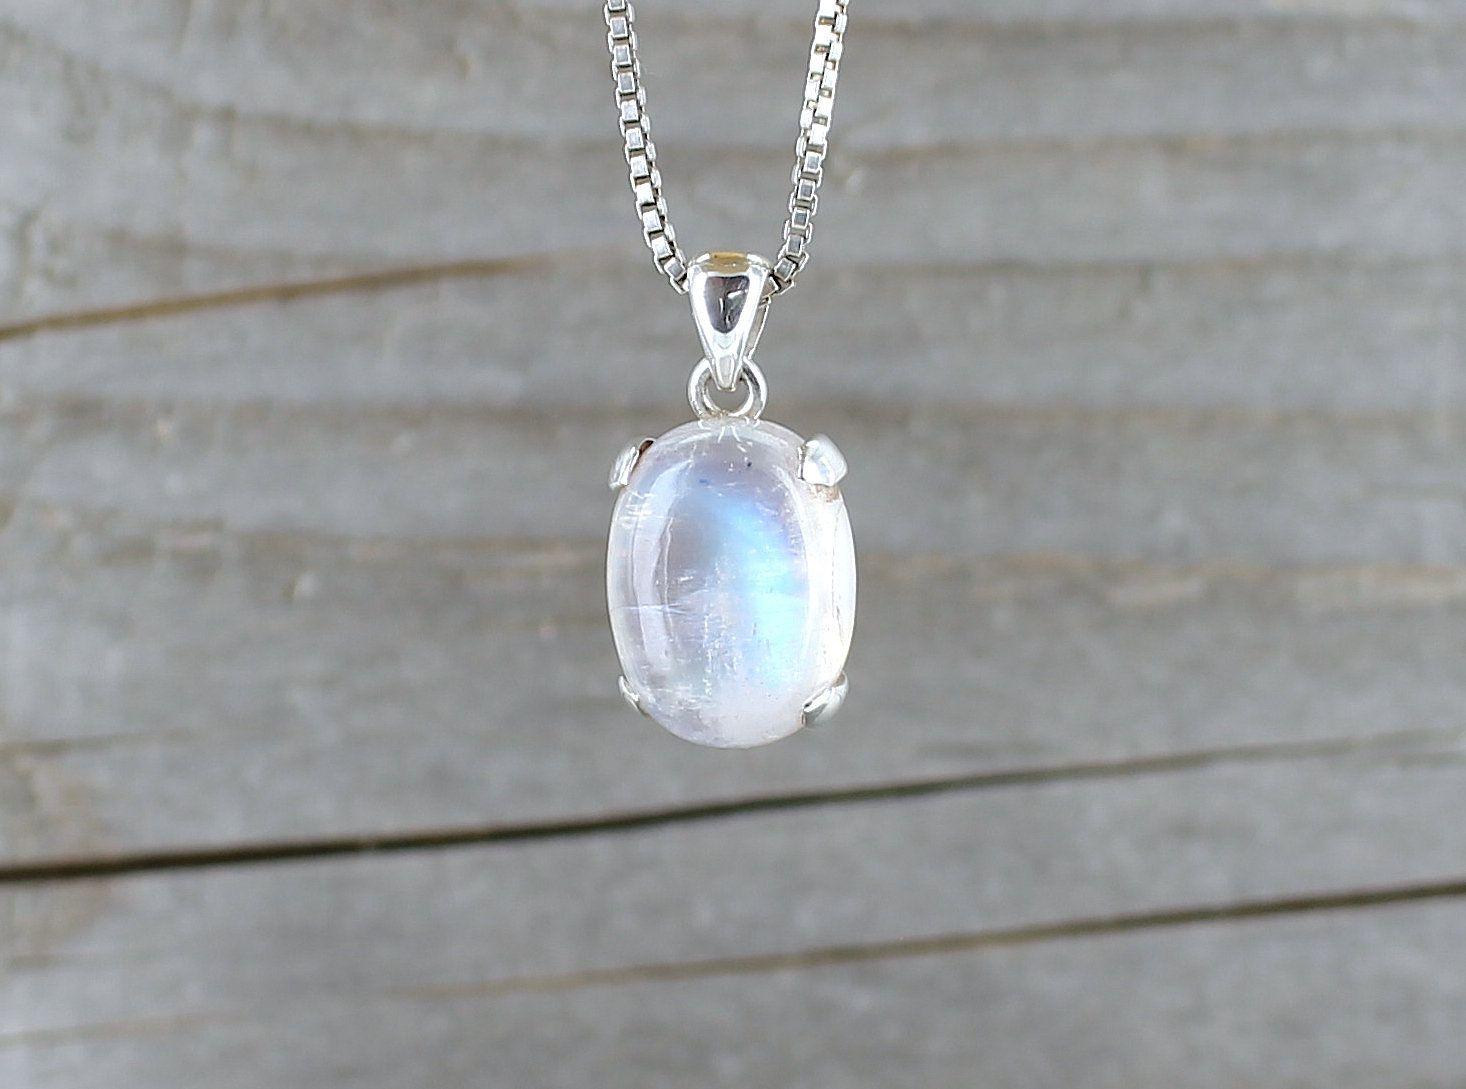 Unique pendentif pour femme pierre de lune argent 925 qualit/é par bijoutier